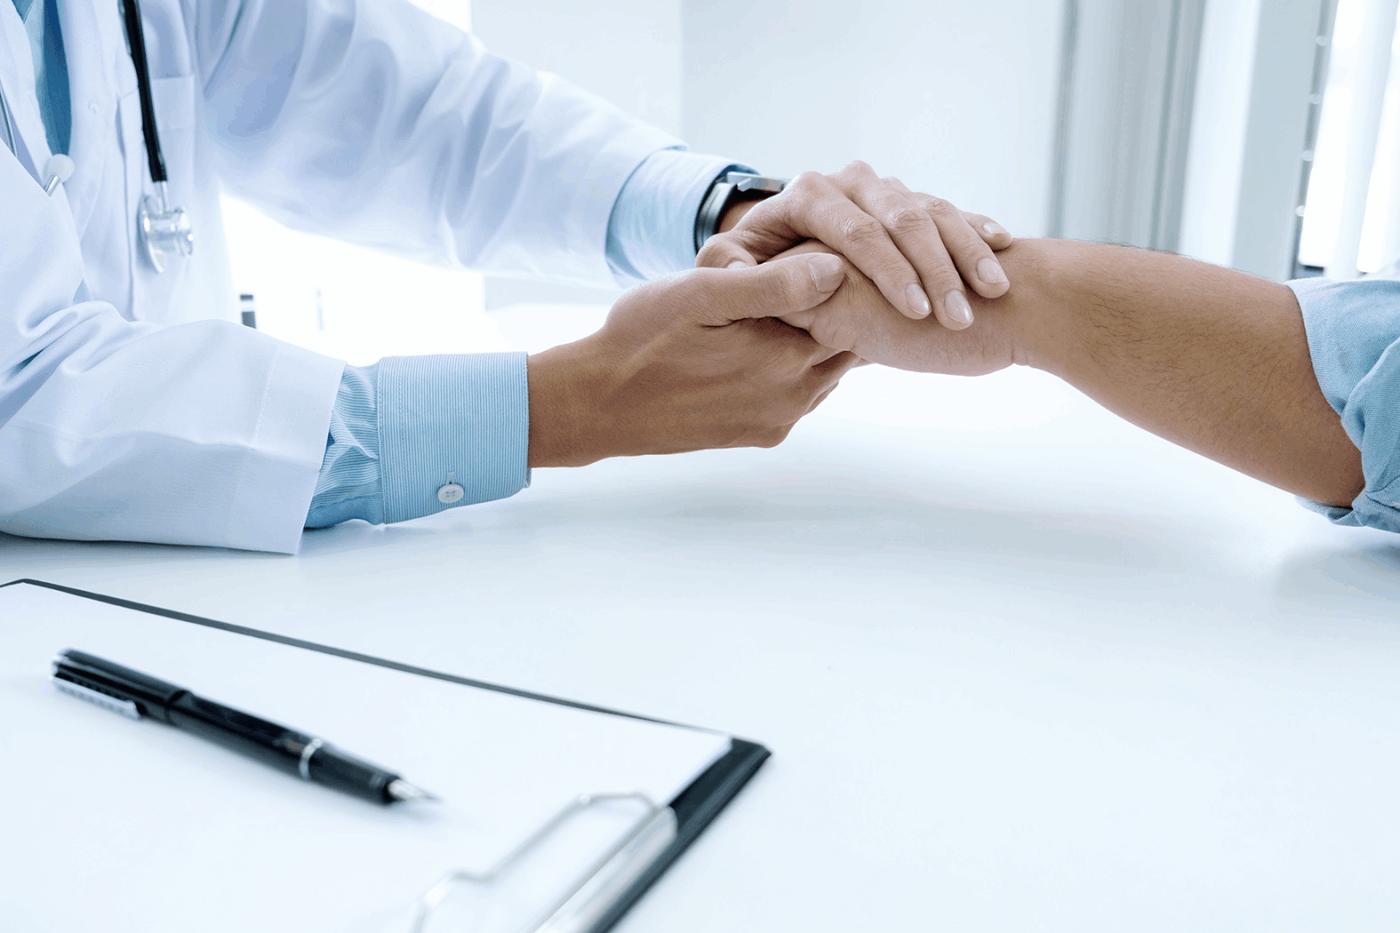 Diagnóstico enfermedad crónica: sugerencias. Médico dando la mano a un paciente